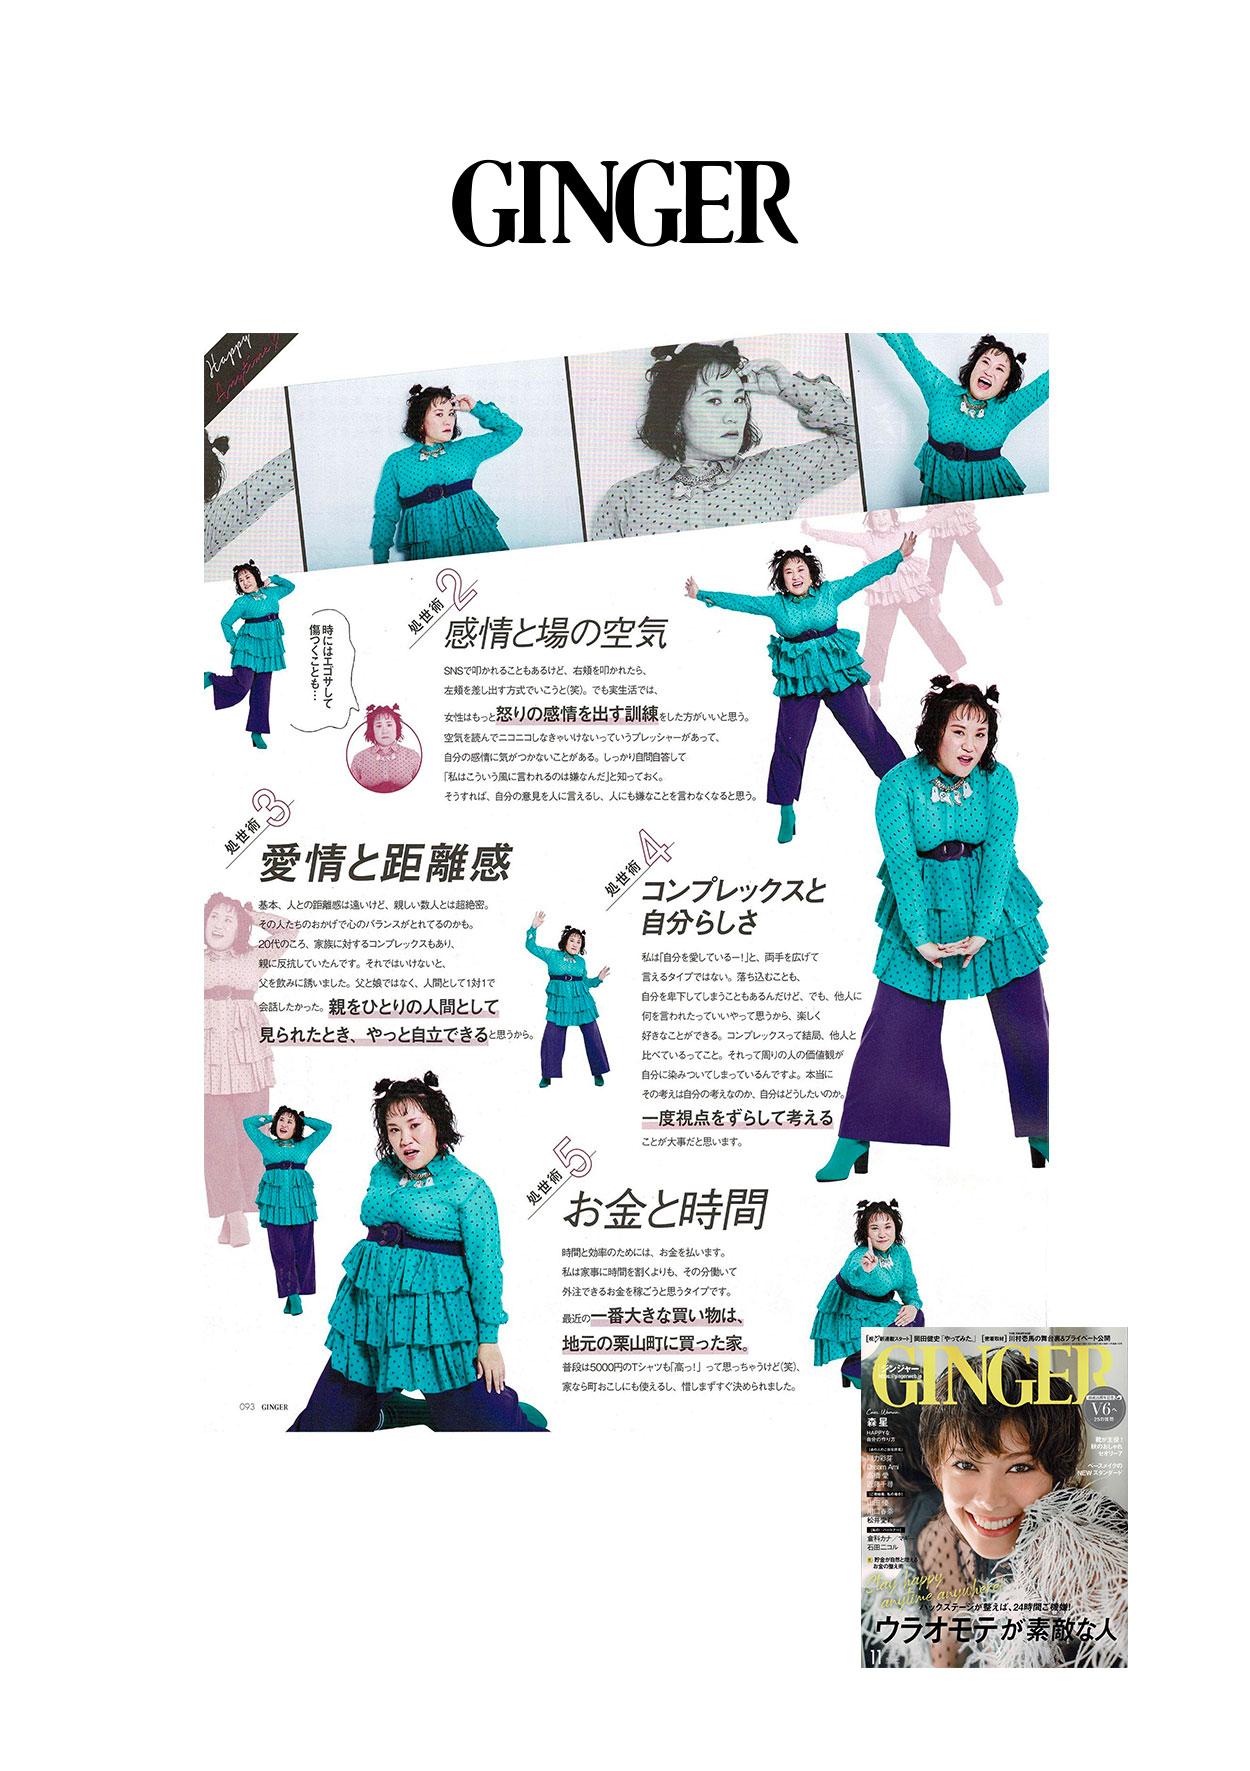 melampo-press-ginger-magazine